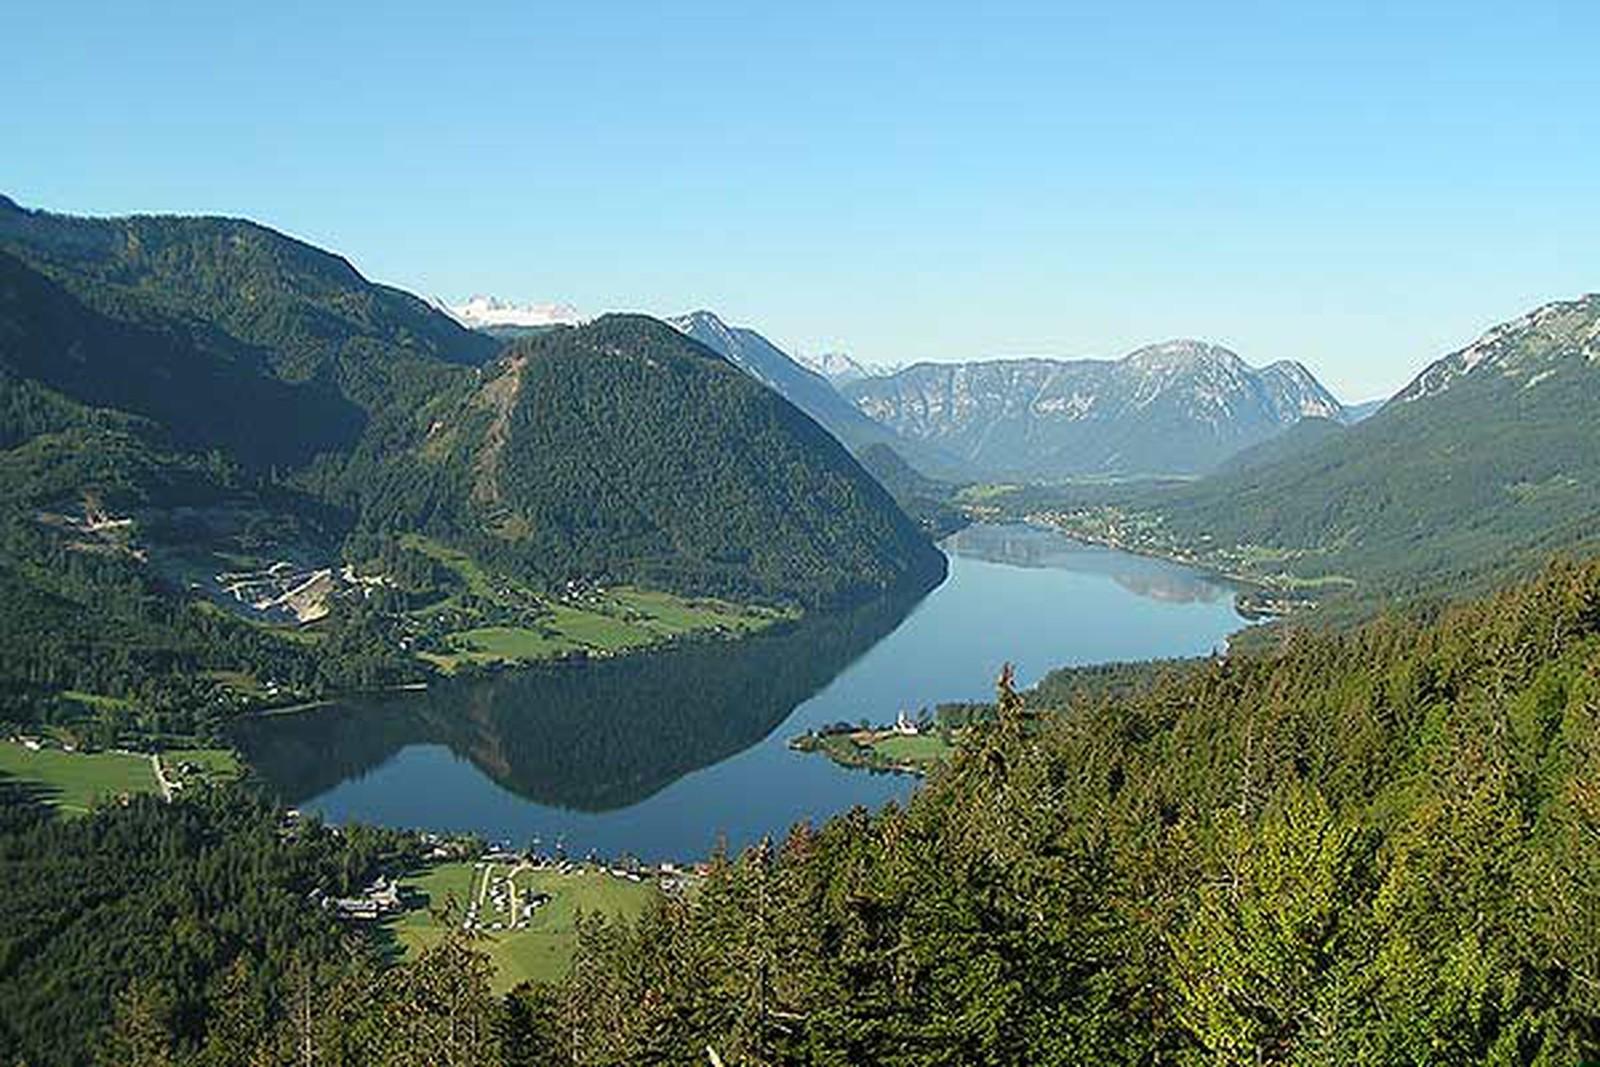 https://www.kempy-chaty.cz/sites/default/files/turistika/jezero_grundlsee.jpg